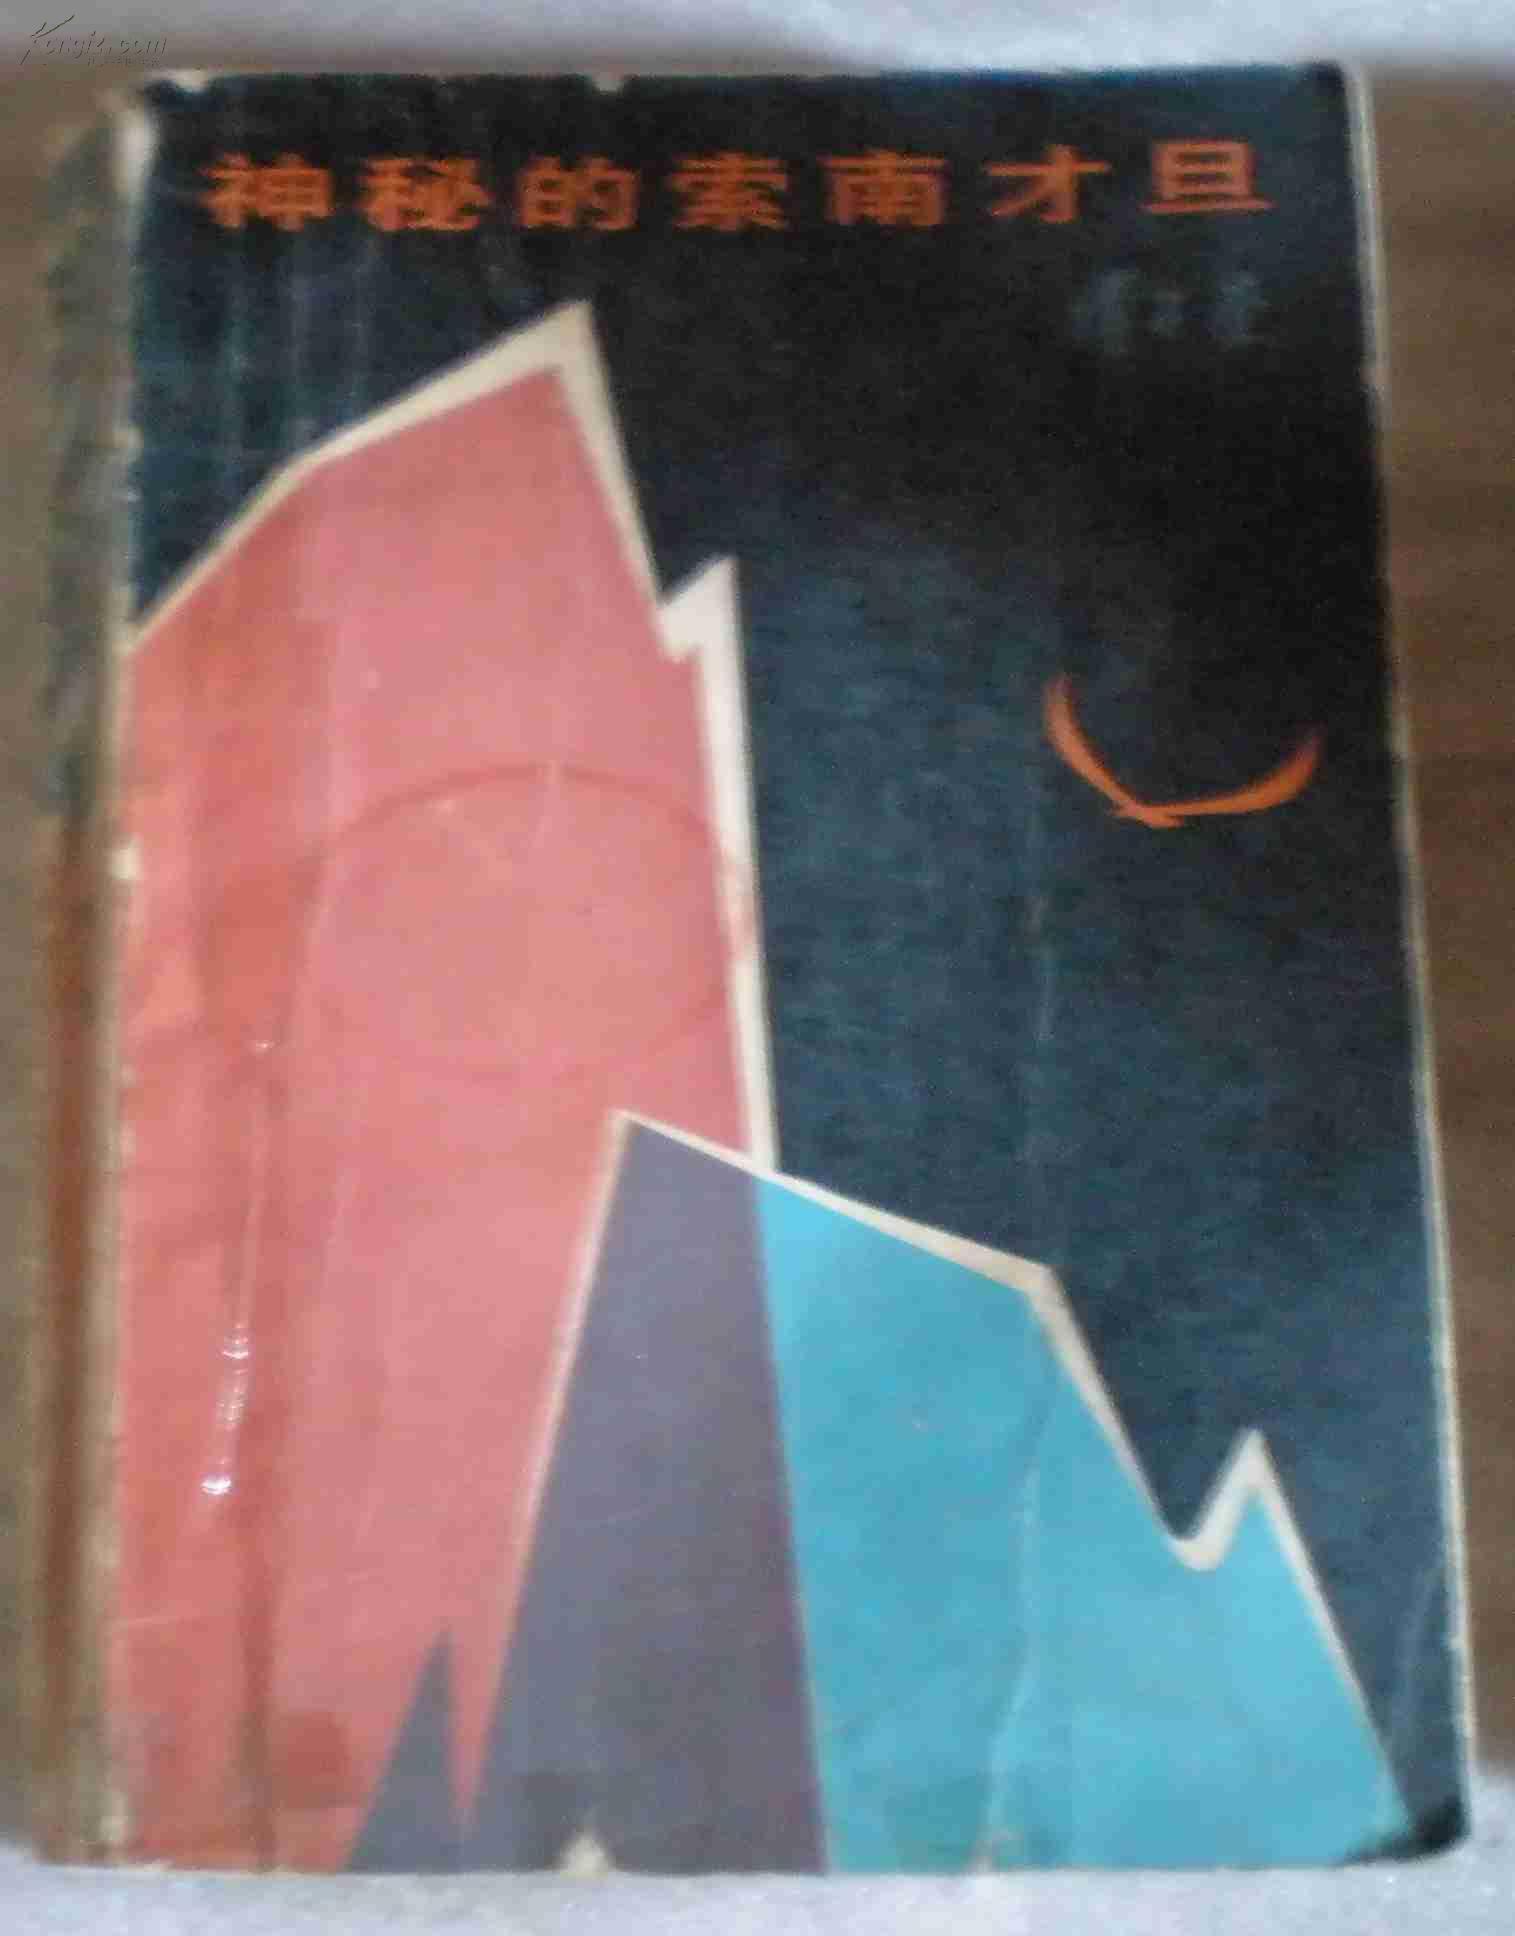 神秘的索南才旦(插图本,描写西藏和平解放时期一支空军小分队的故事)-稀见西藏原版图书